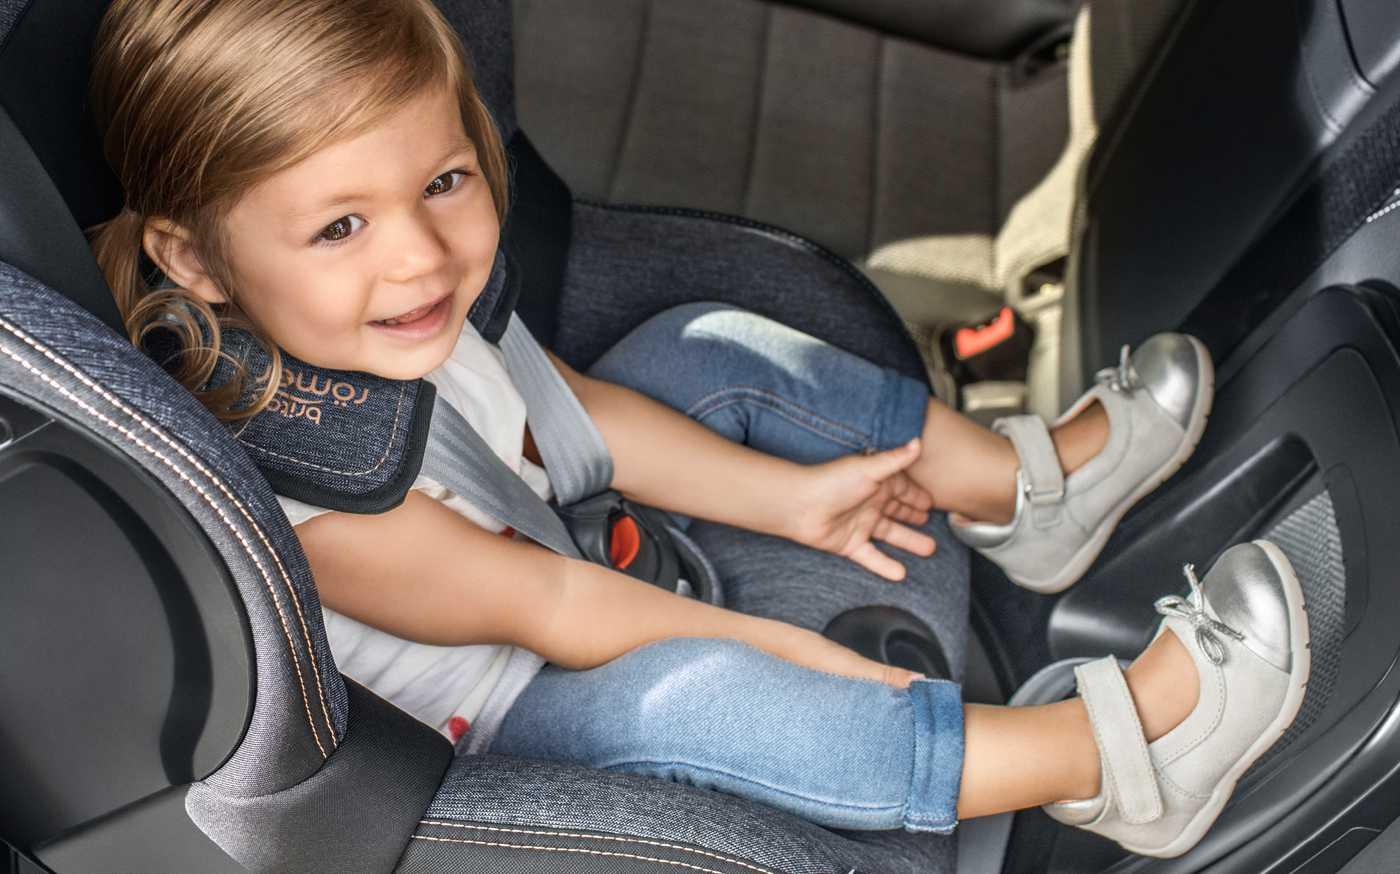 kindersitz babyschalen von geburt bis 12 jahre. Black Bedroom Furniture Sets. Home Design Ideas